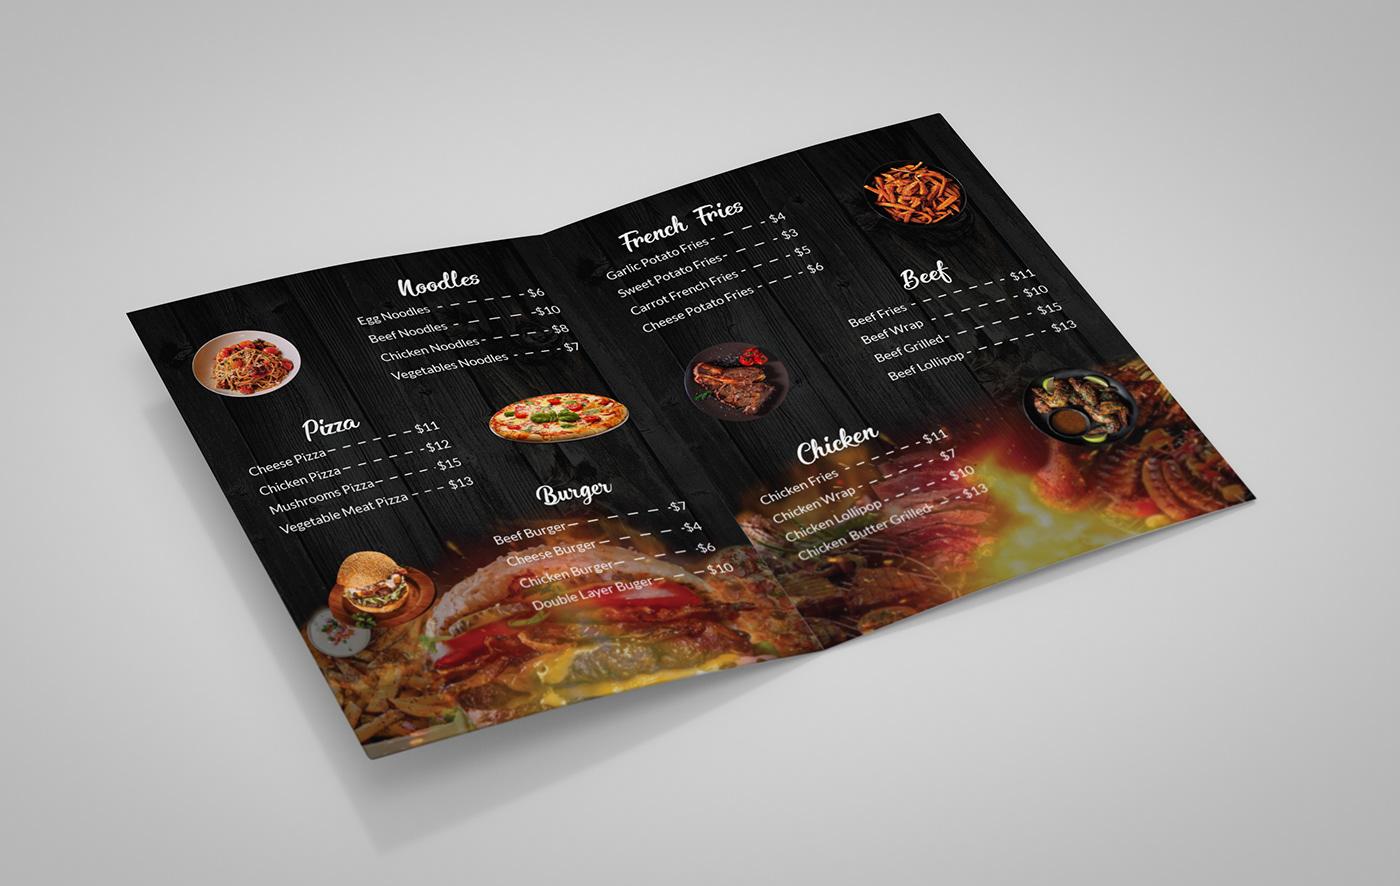 Image may contain: book, food and menu